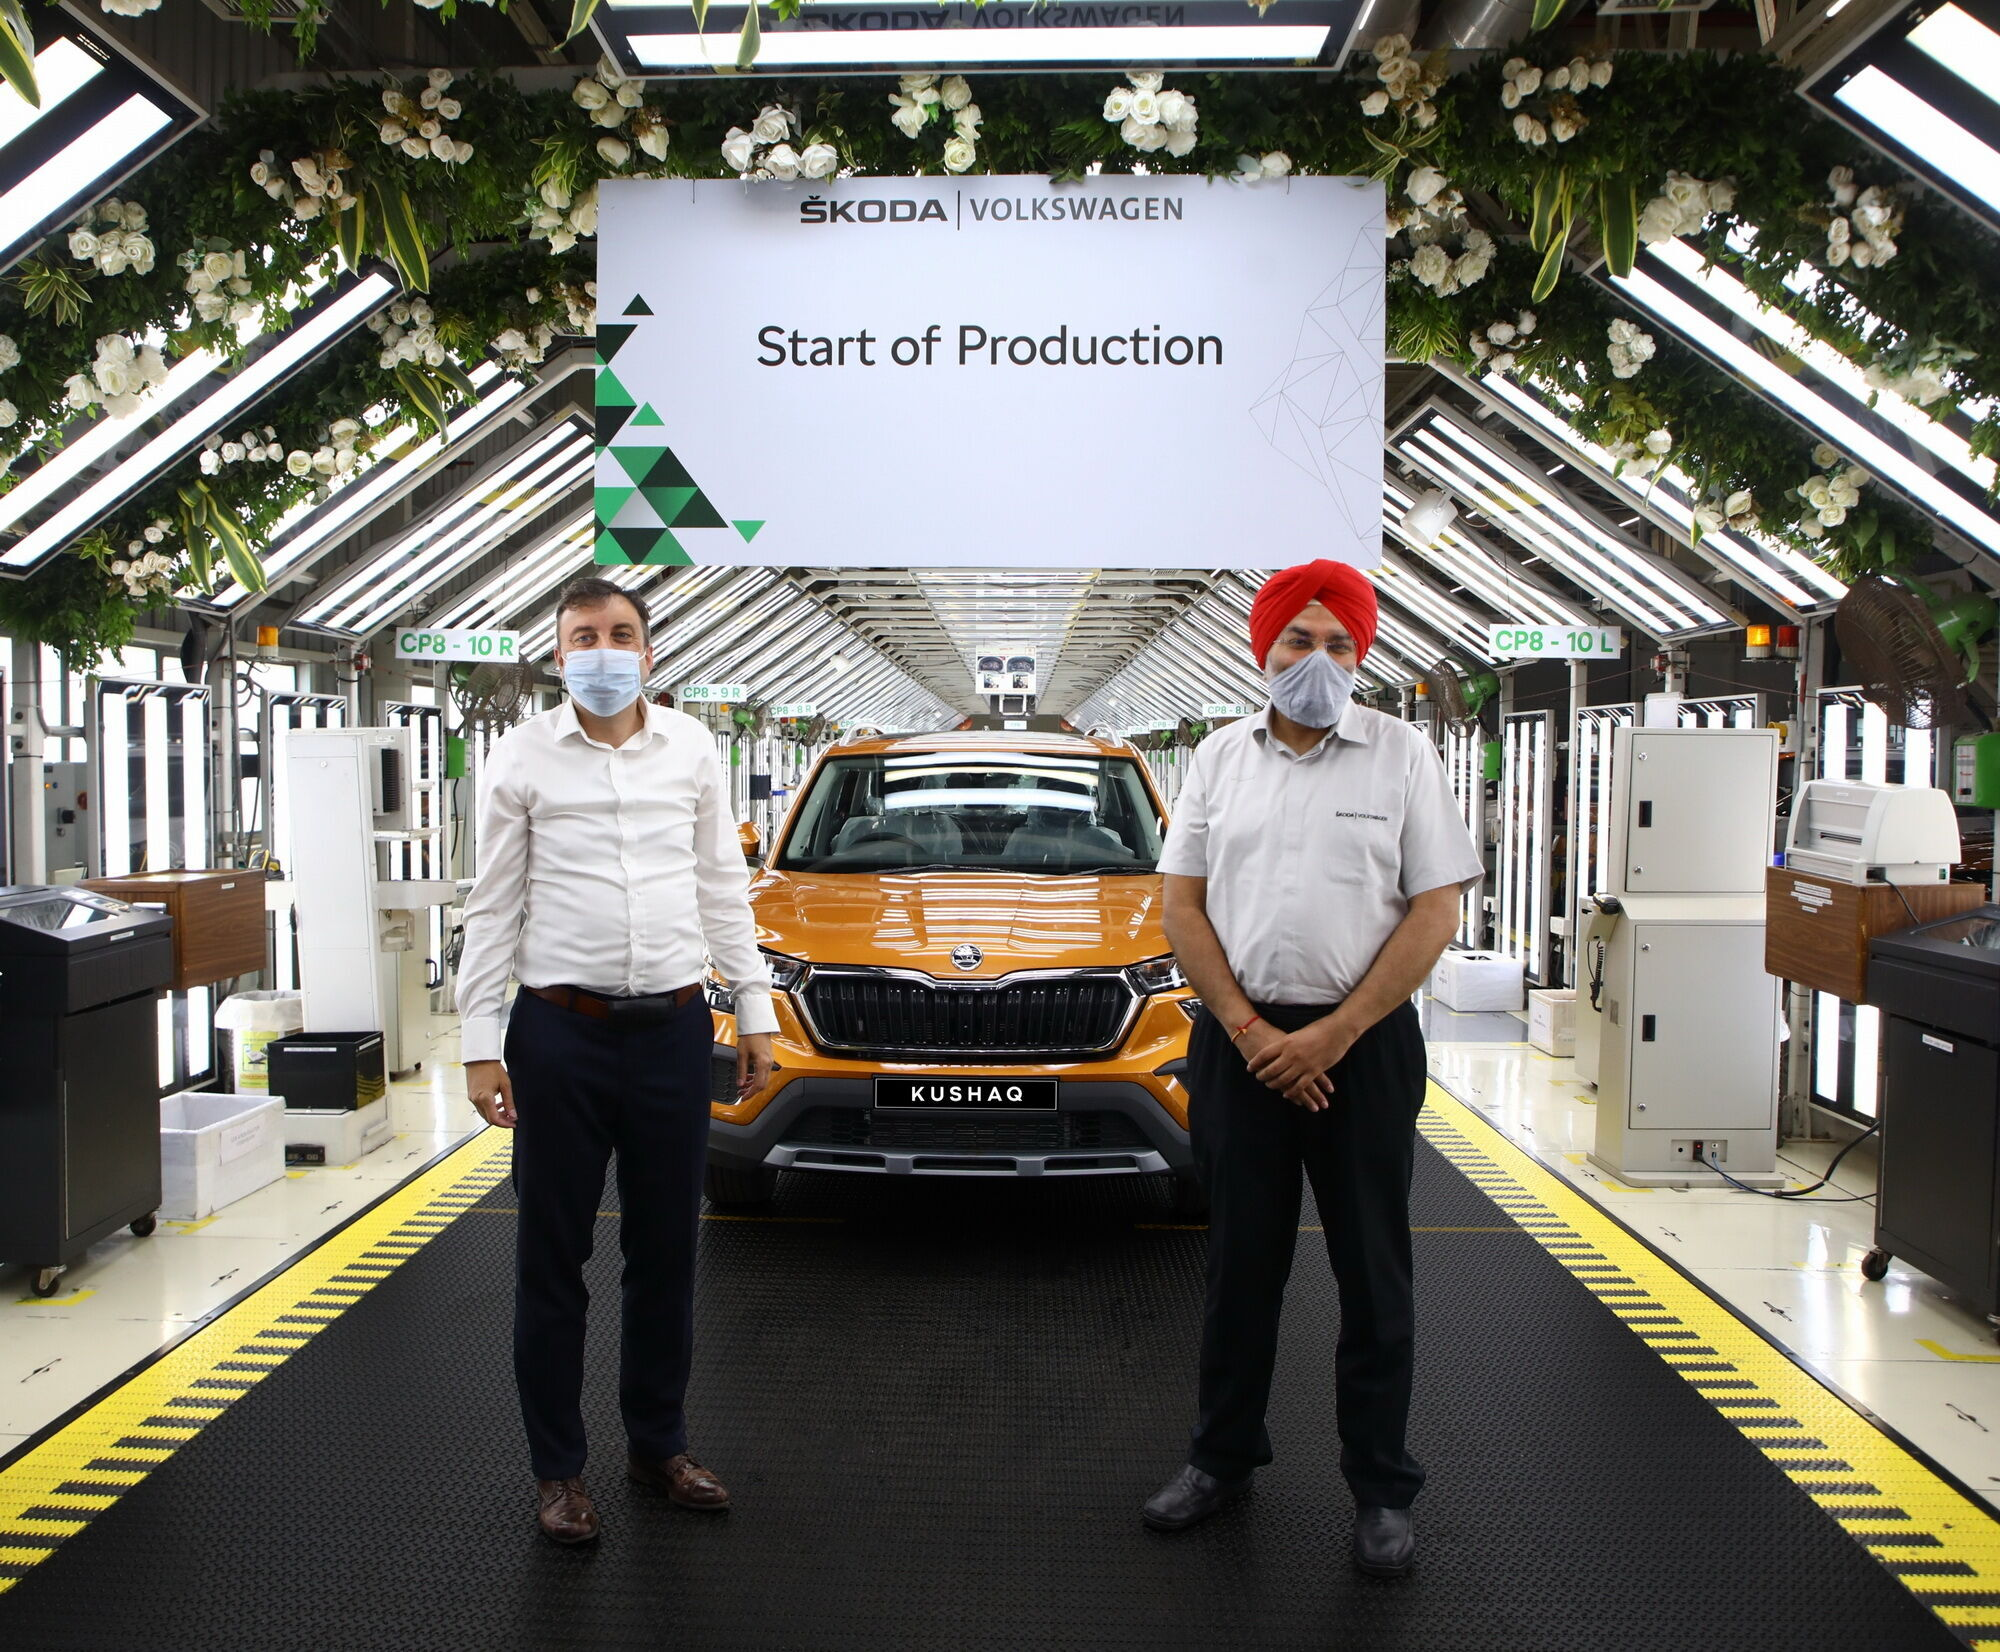 Kushaq – перша з чотирьох моделей концерну Volkswagen, які поповнять асортимент продукції автовиробника на місцевому ринку